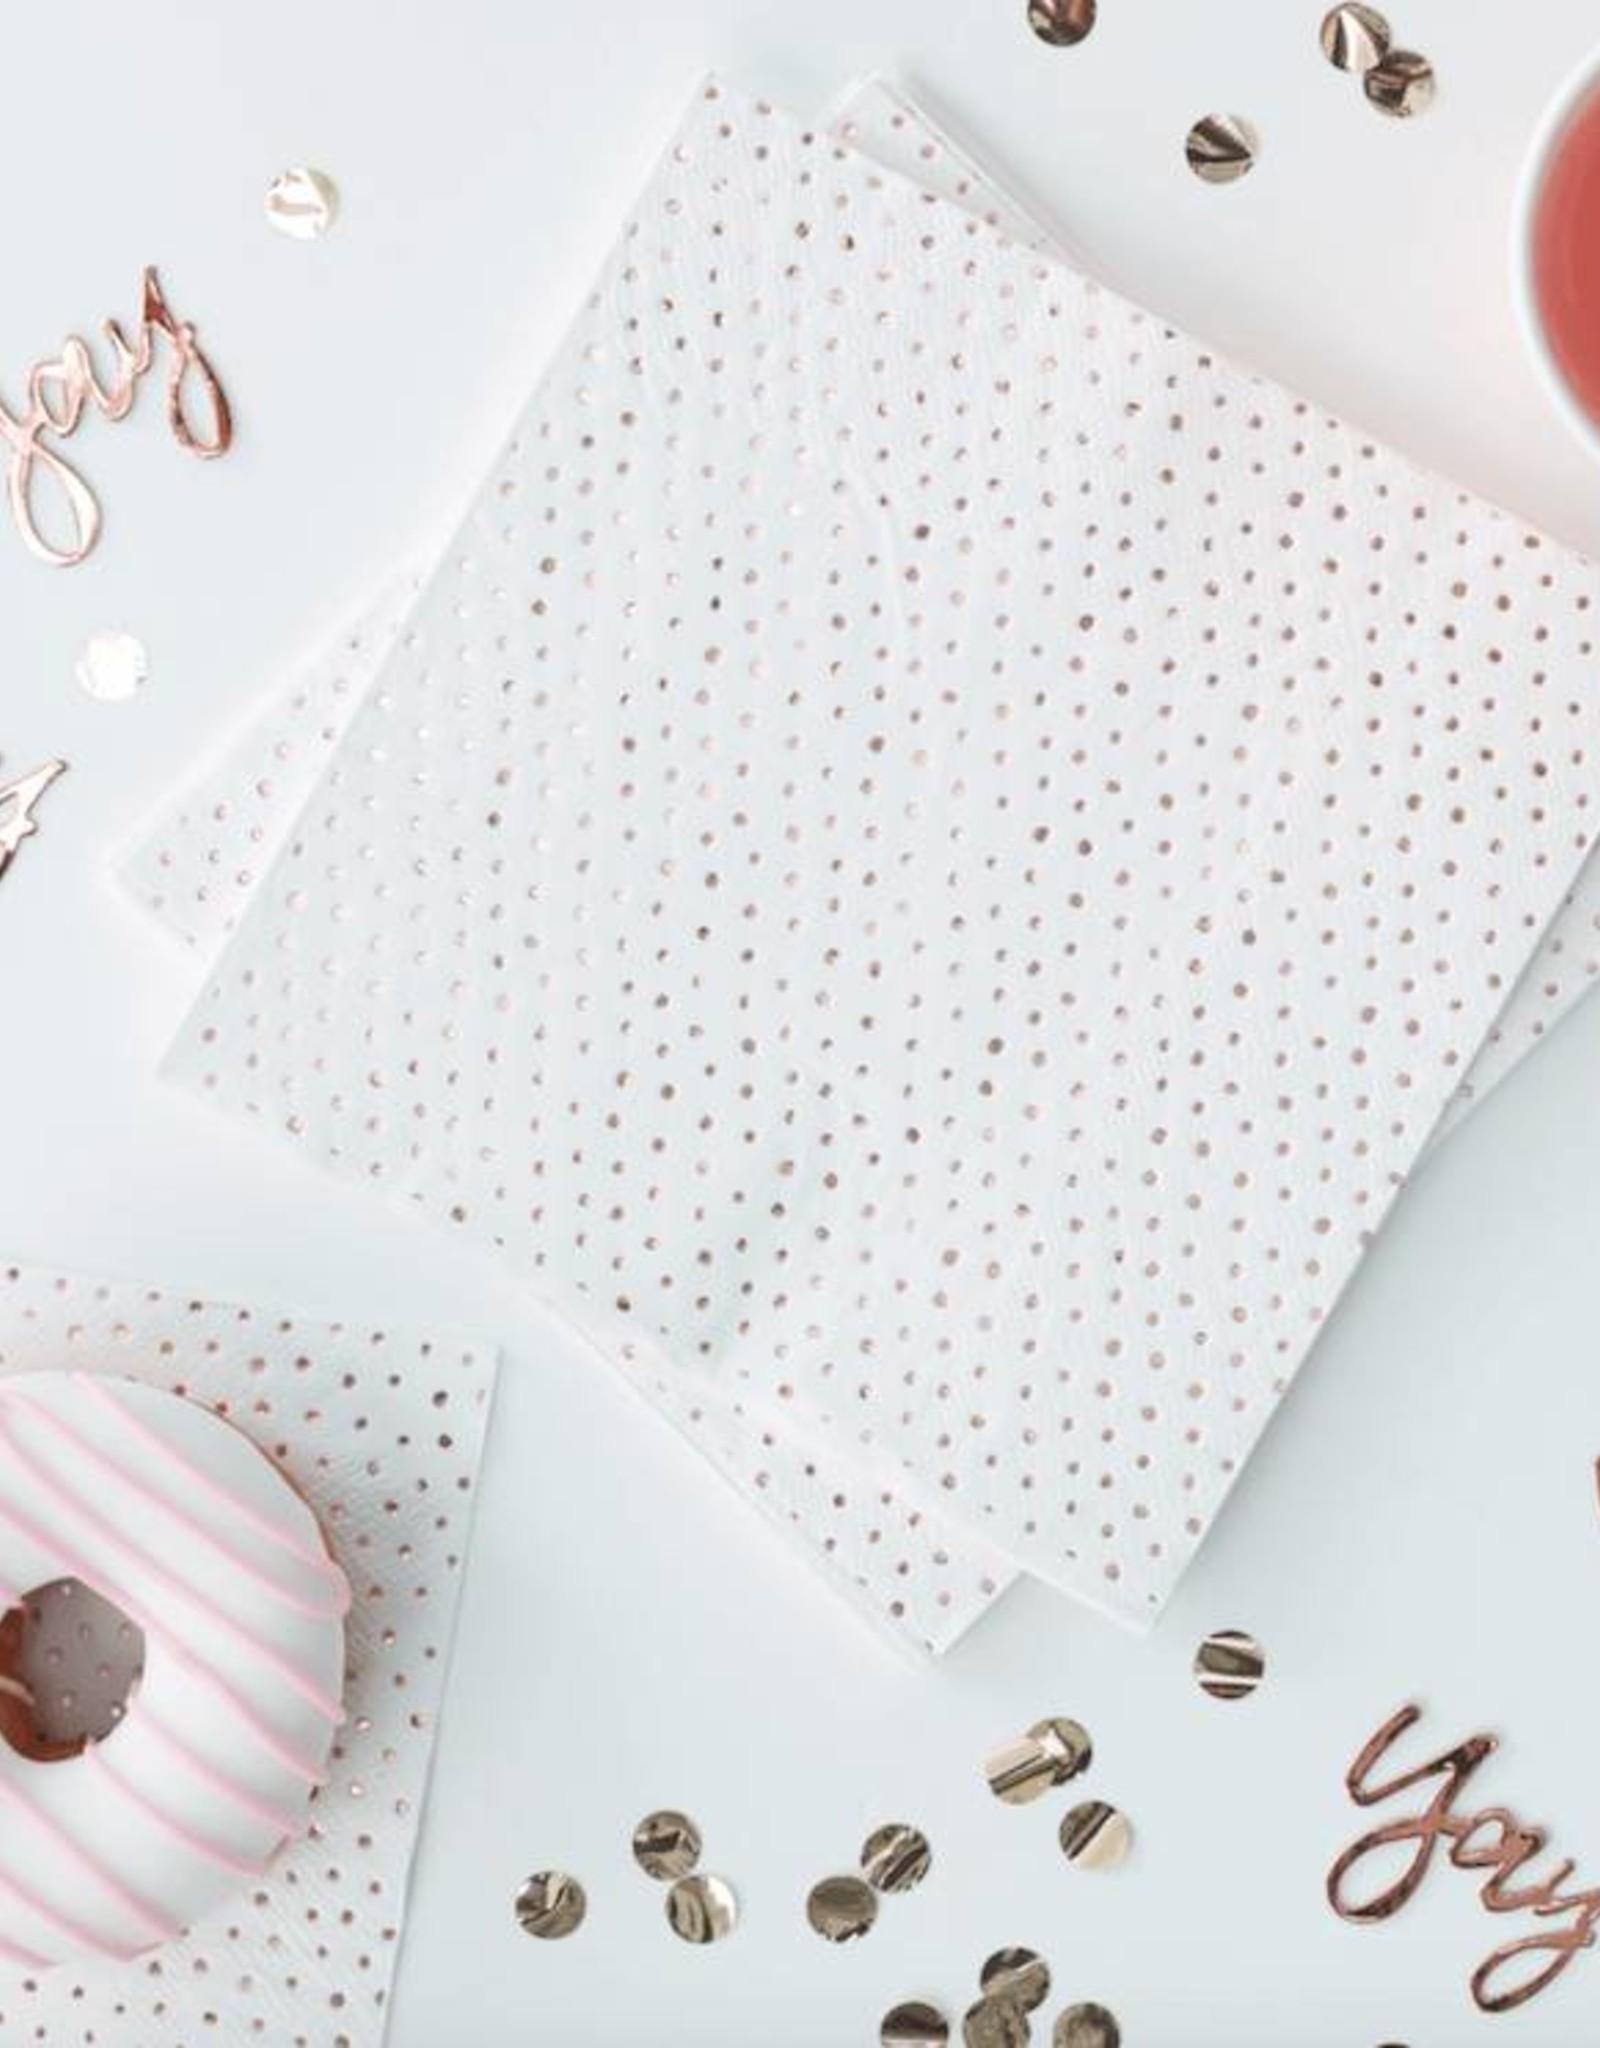 Ginger Ray Servetten dots wit & rosé goud | 16 stuks